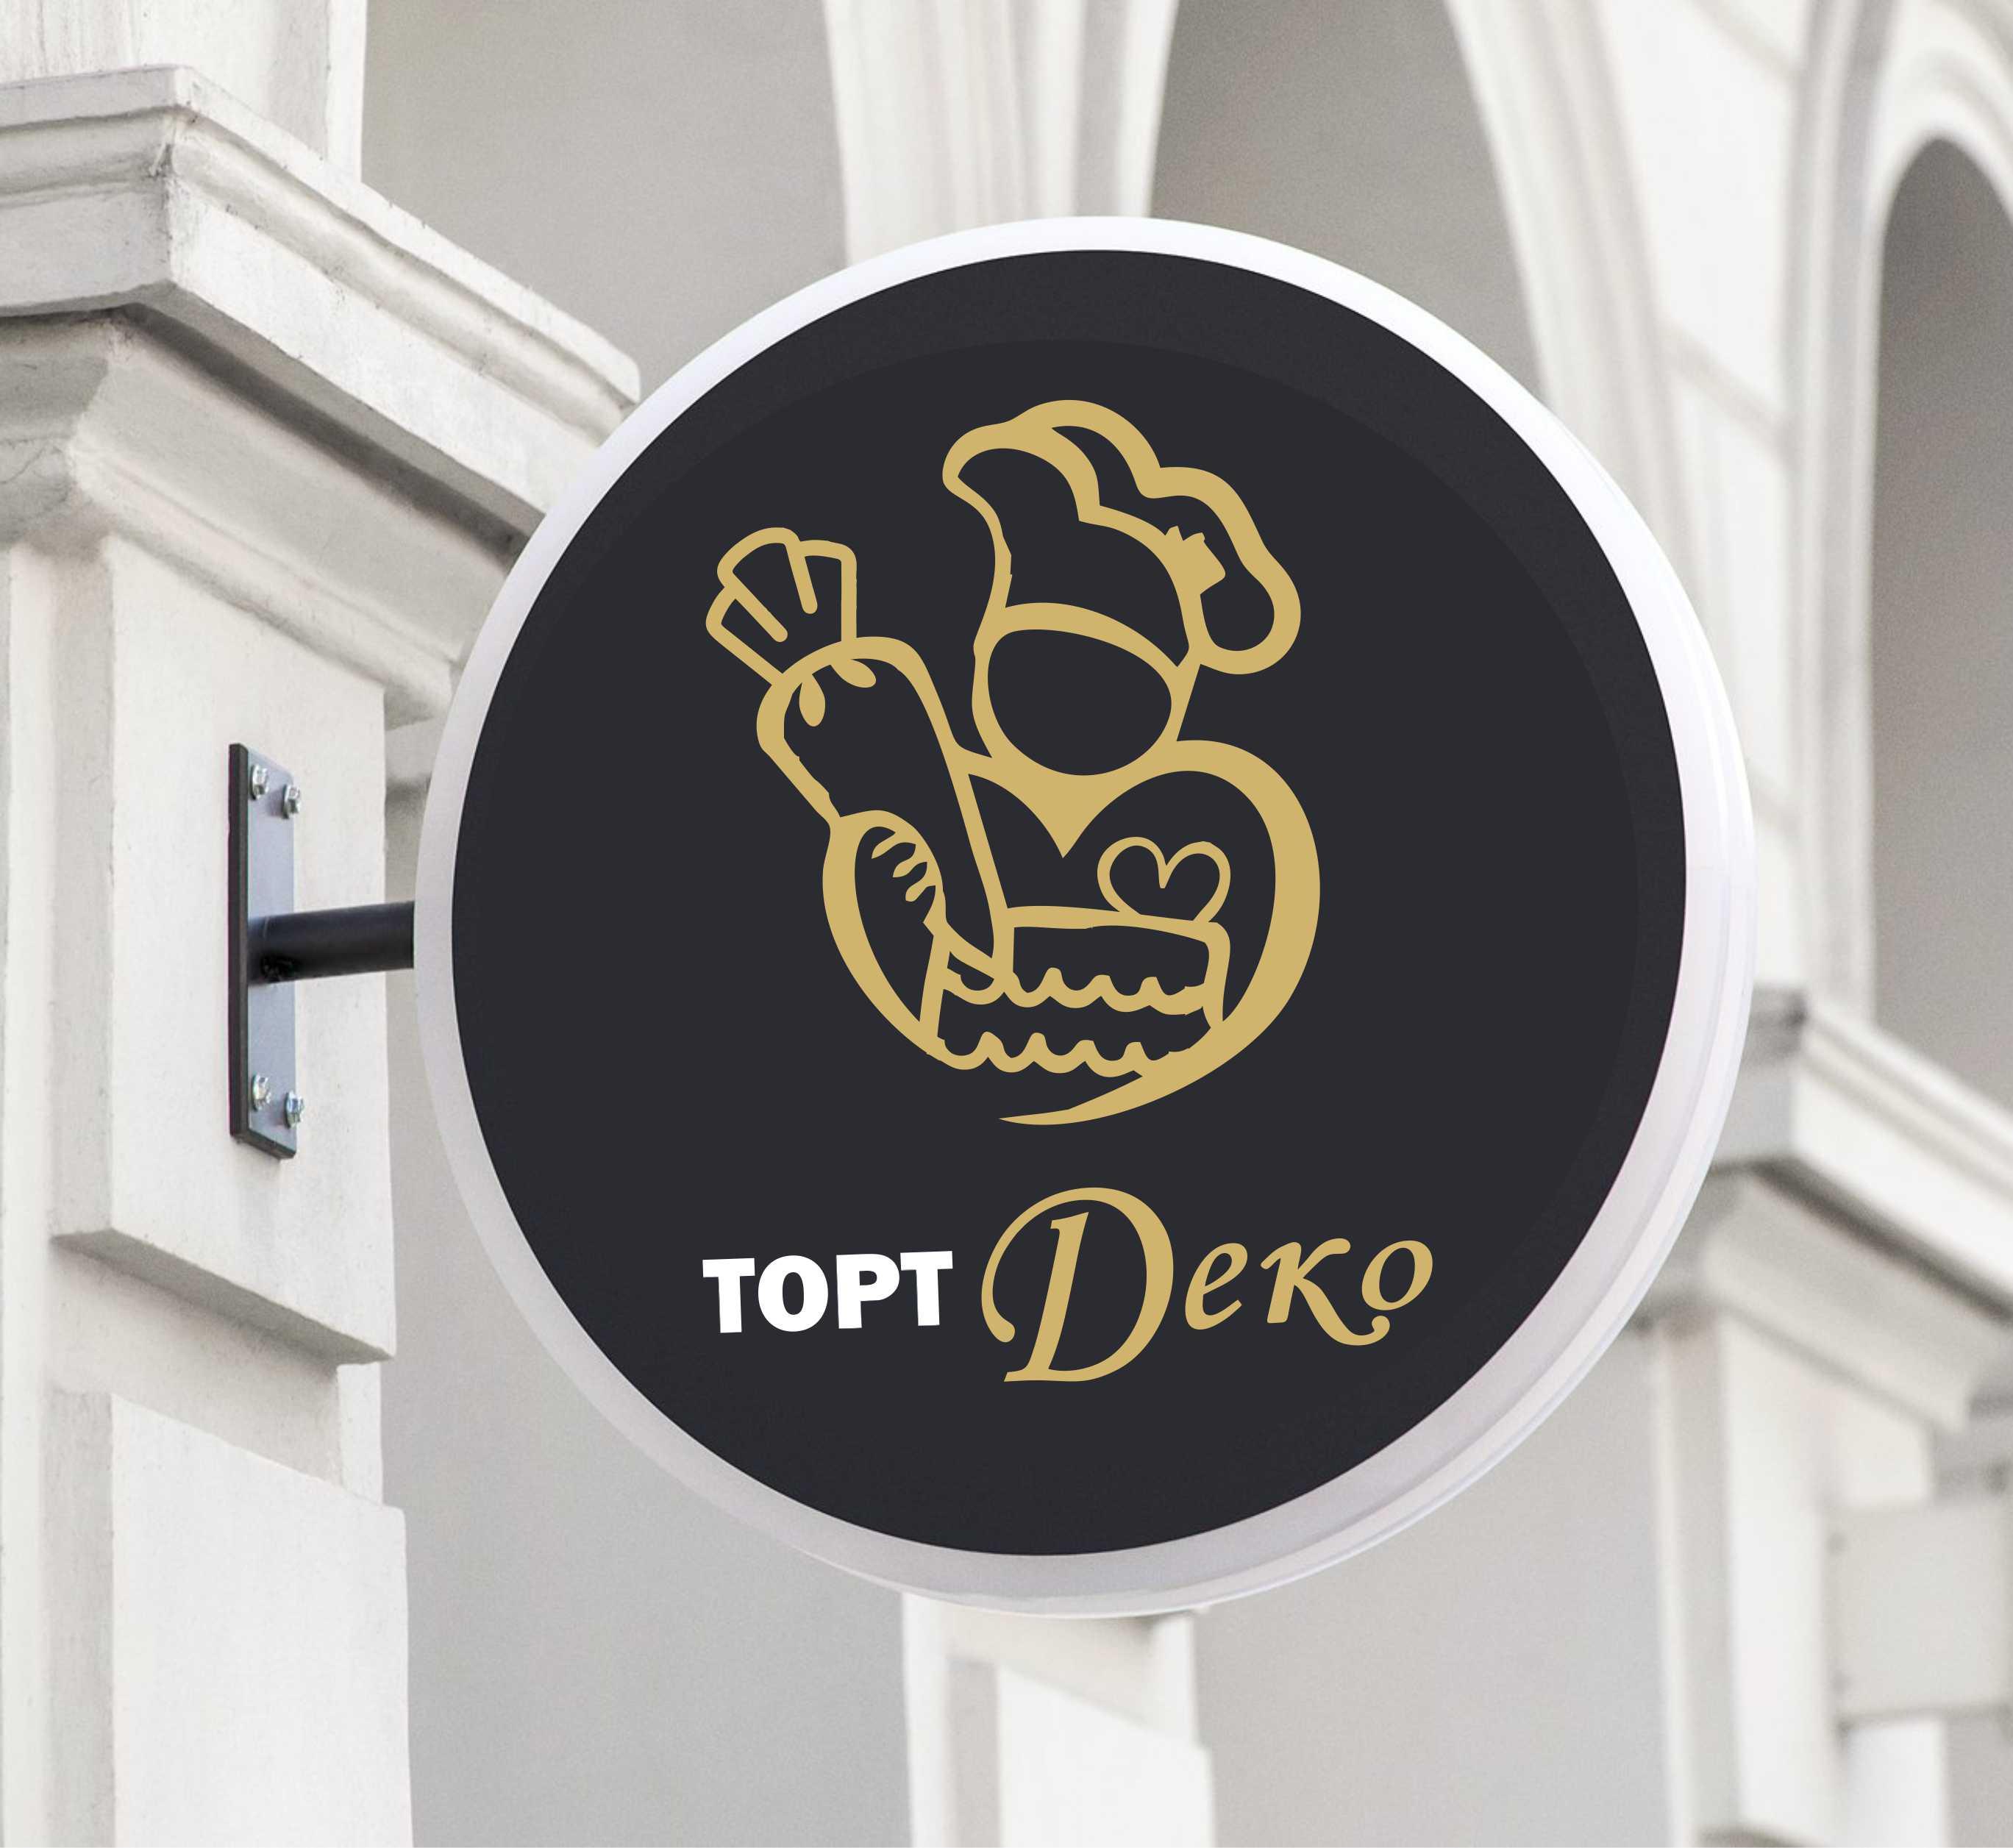 Логотип для магазина для кондитеров фото f_8875f1b1455933c8.jpg